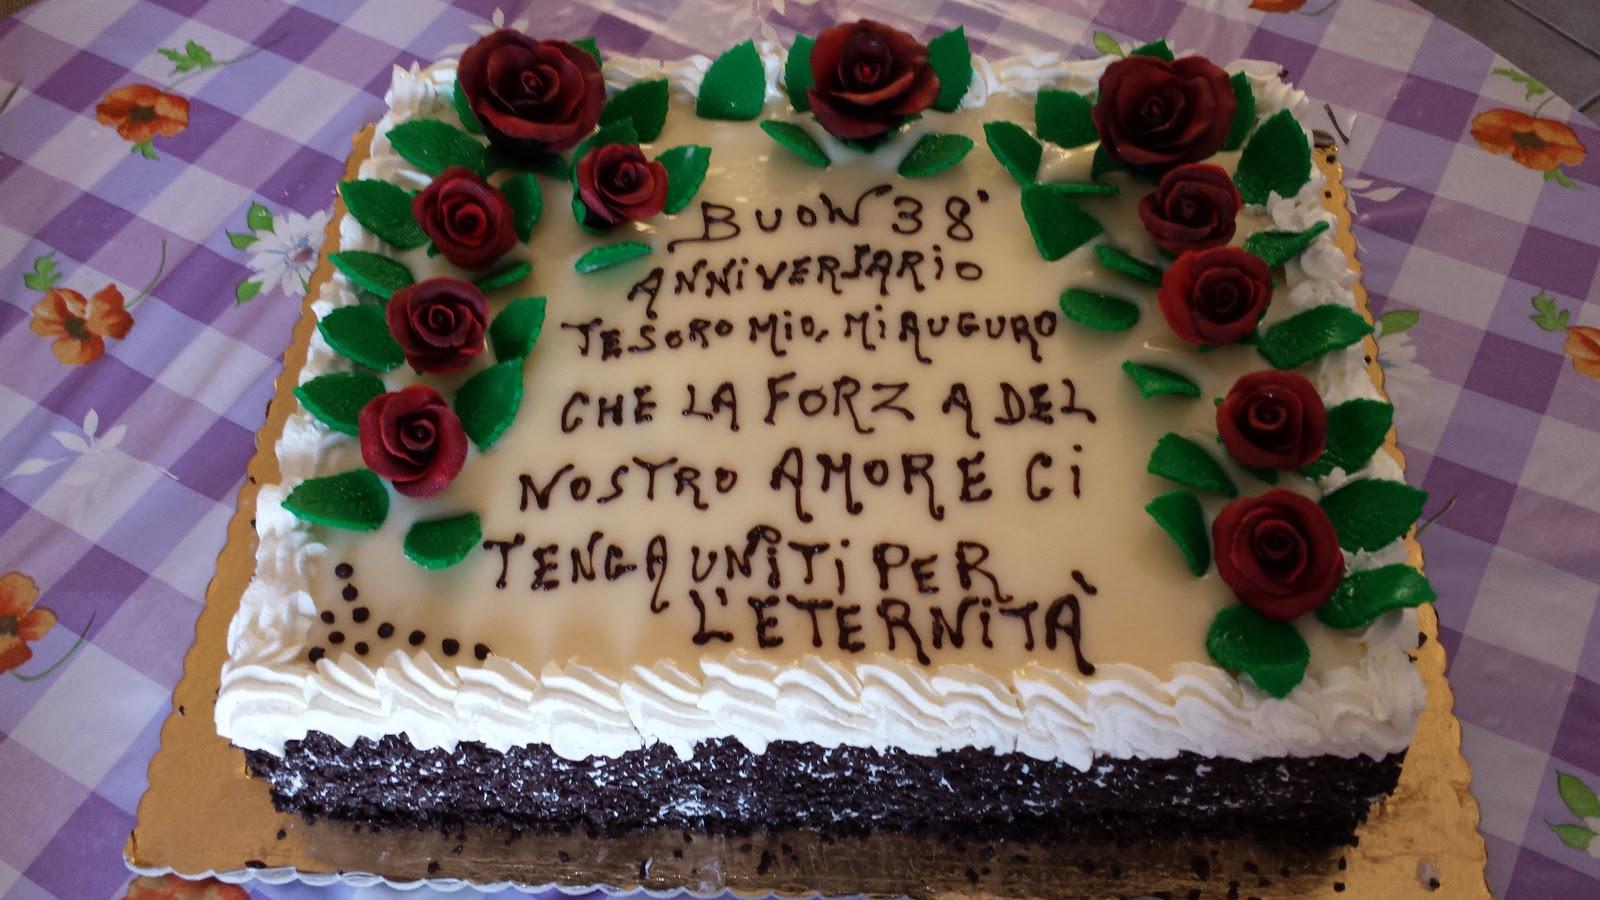 Super passione torte: torta gelato per anniversario di matrimonio YU38